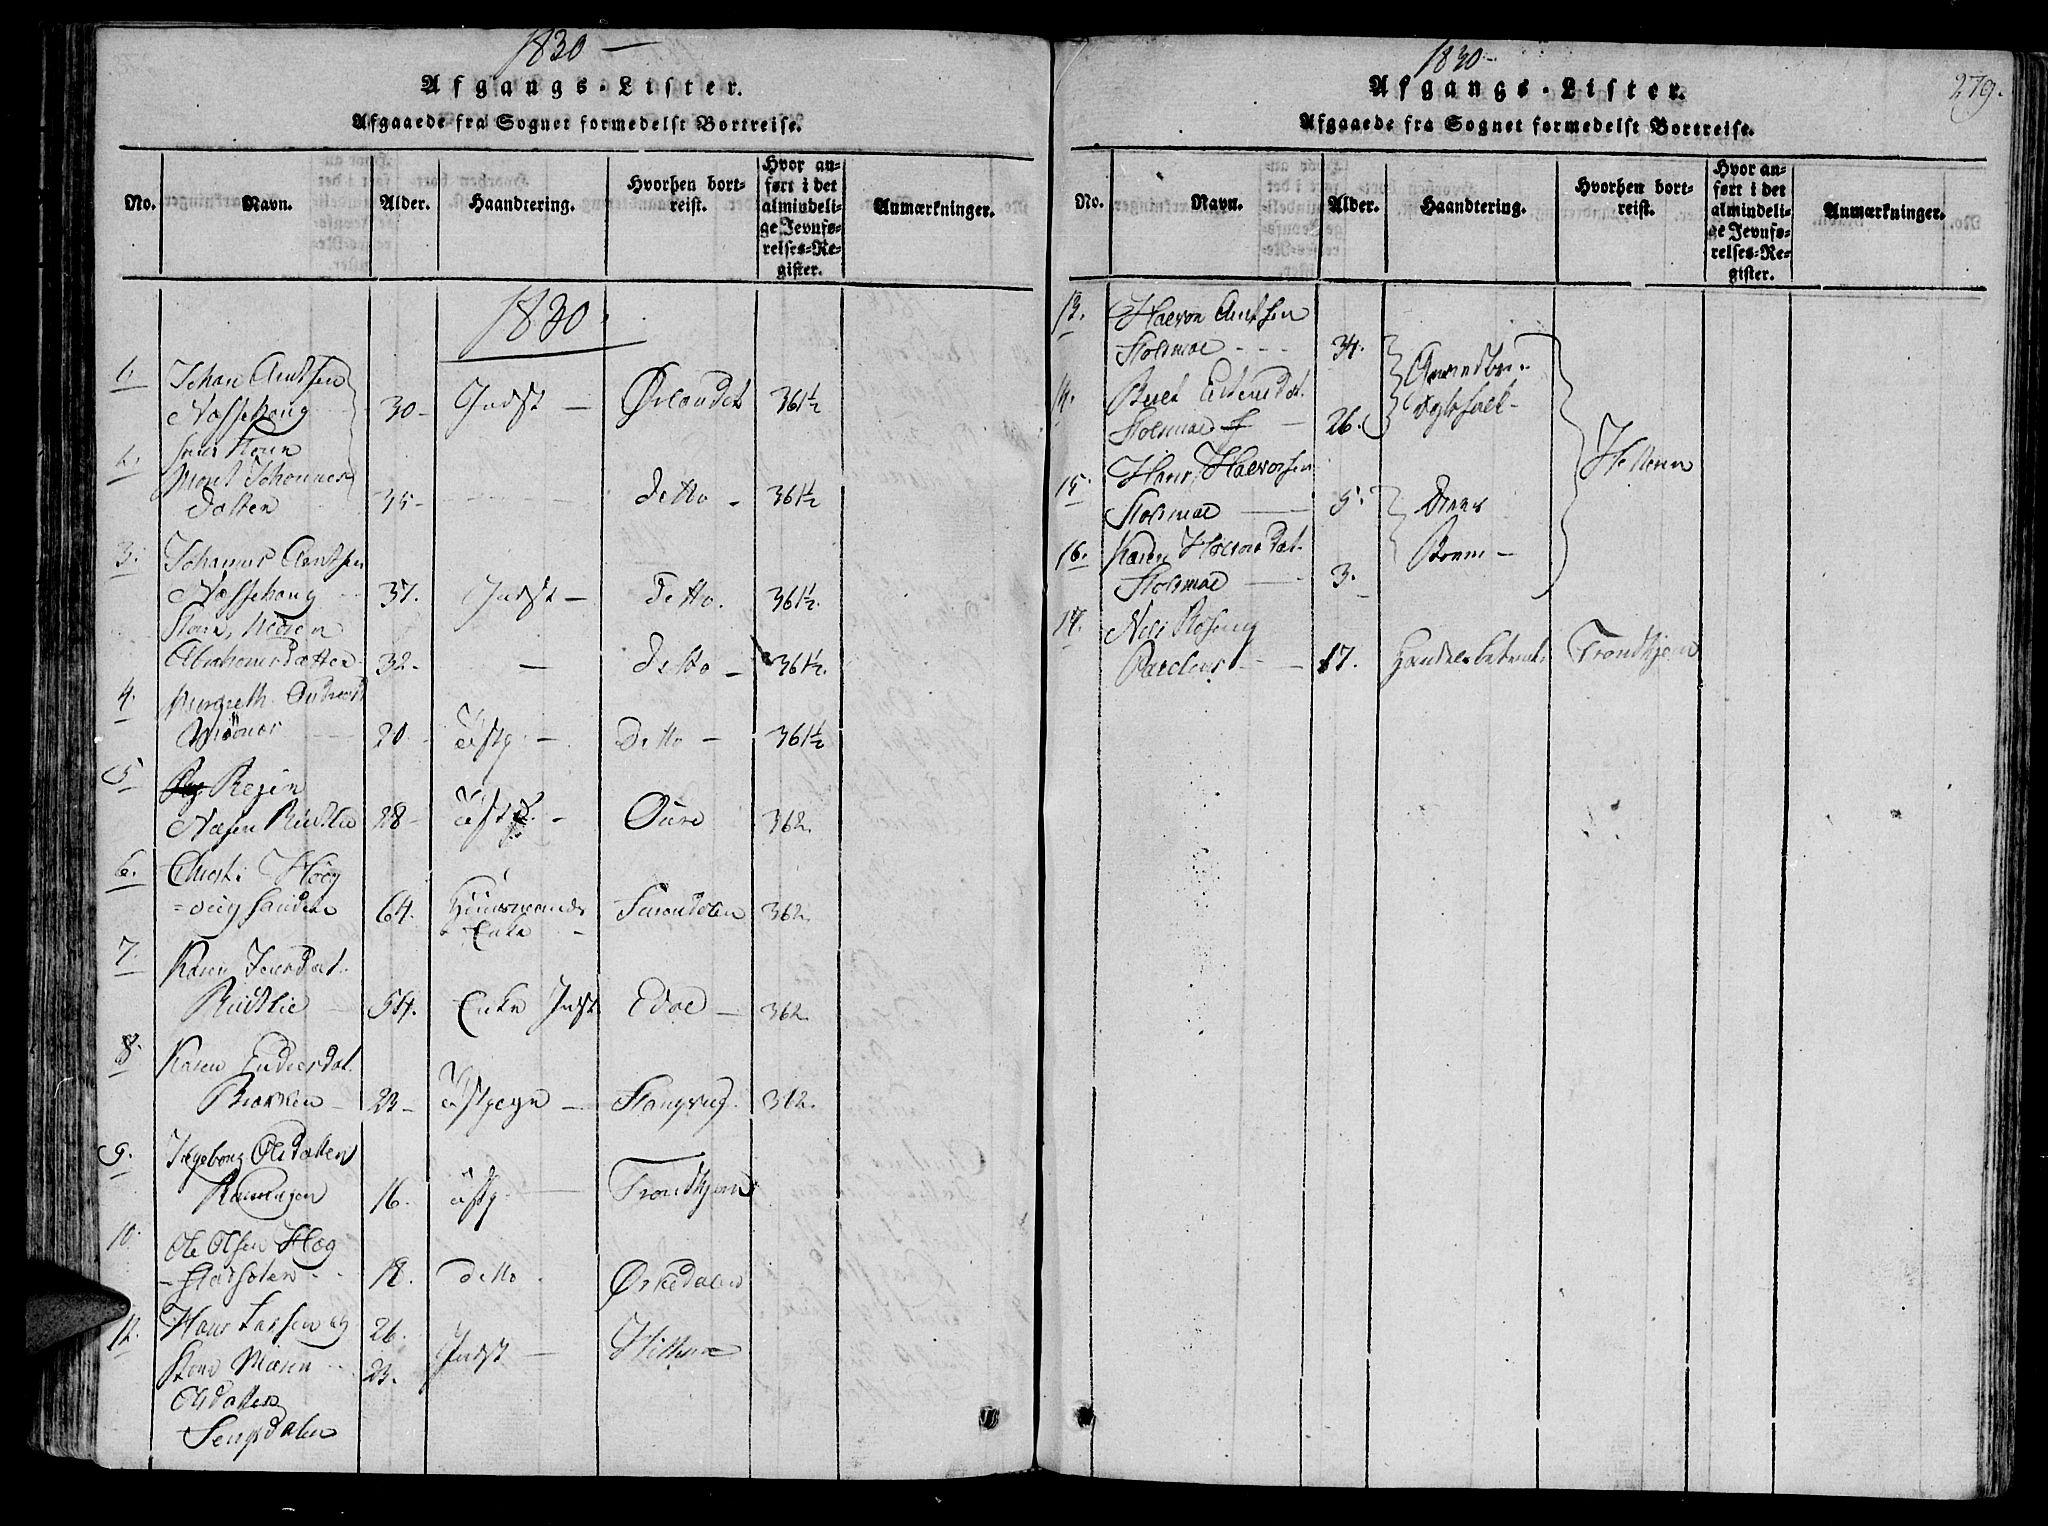 SAT, Ministerialprotokoller, klokkerbøker og fødselsregistre - Sør-Trøndelag, 630/L0491: Ministerialbok nr. 630A04, 1818-1830, s. 279